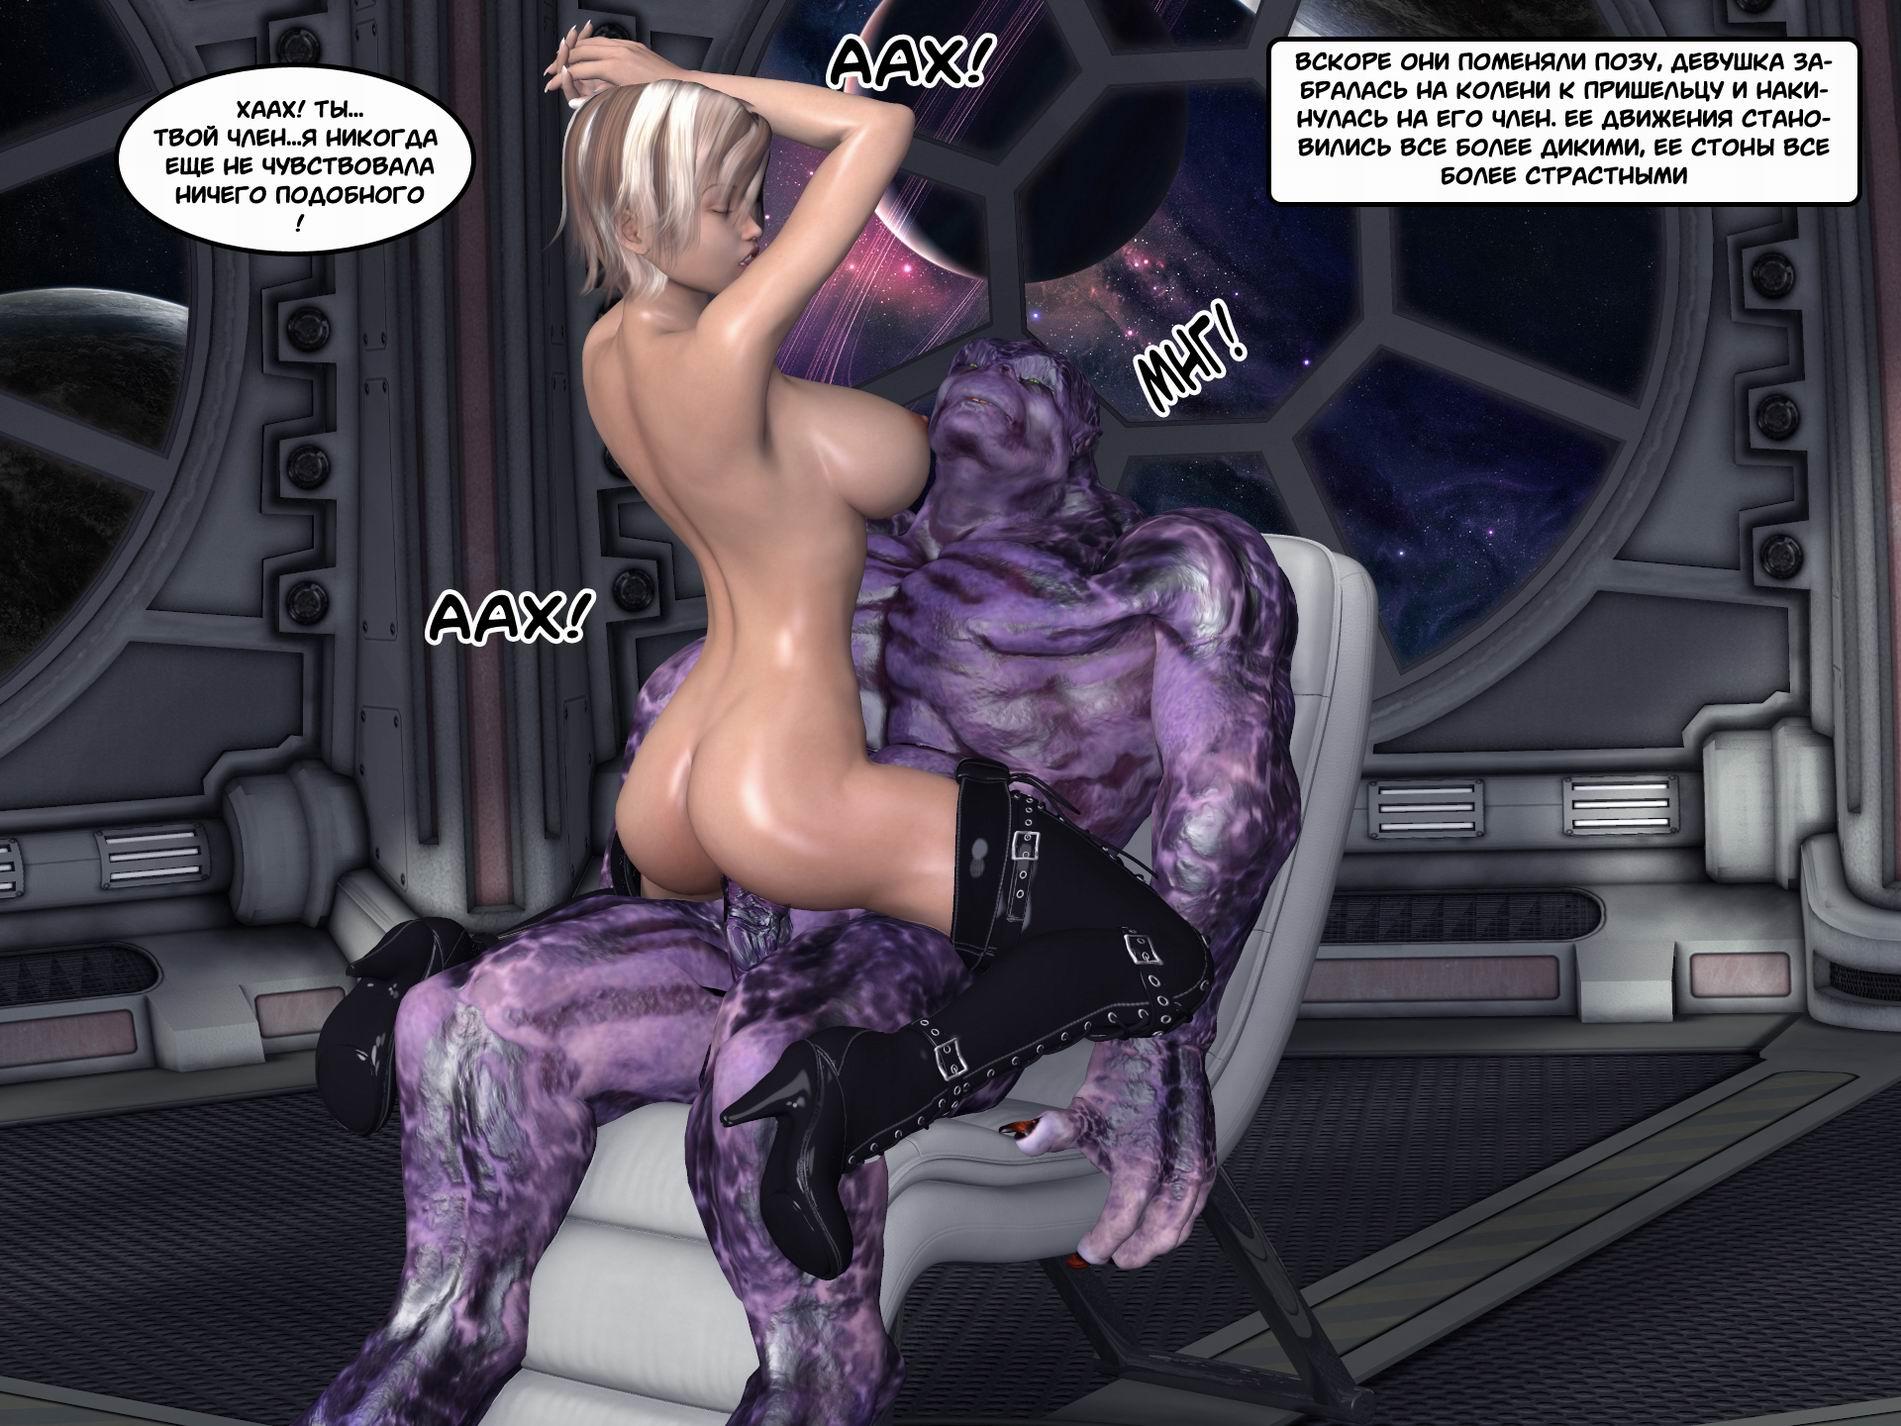 Порно 3д космос